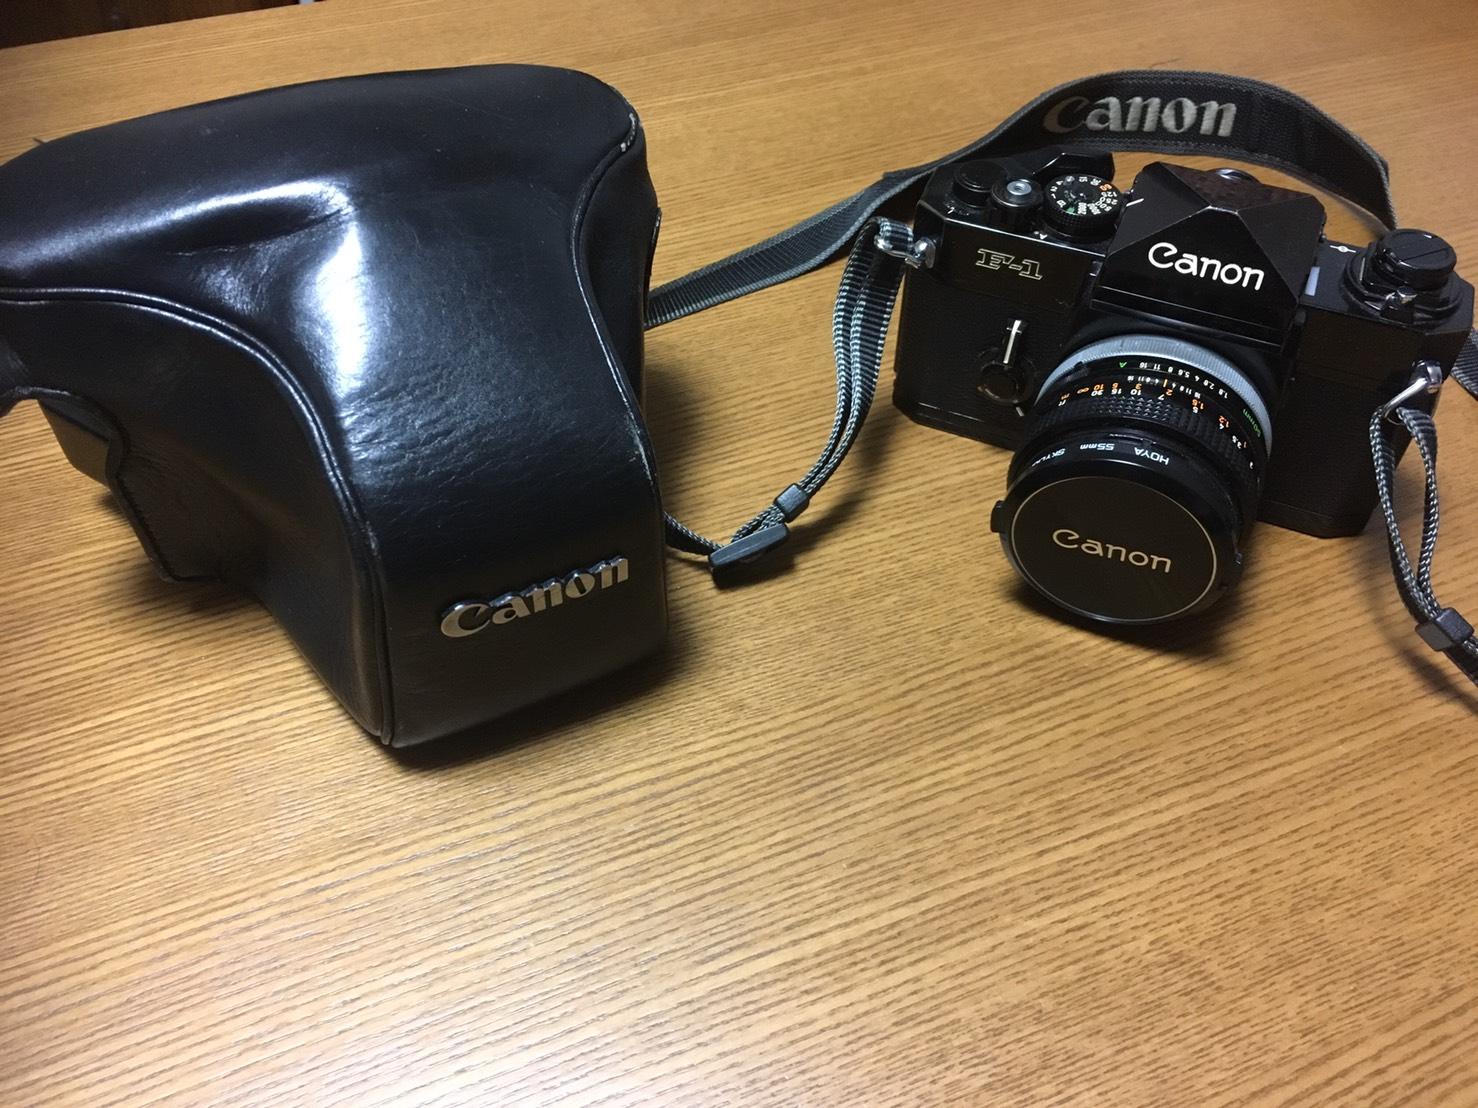 キャノン F1 一眼レフカメラ